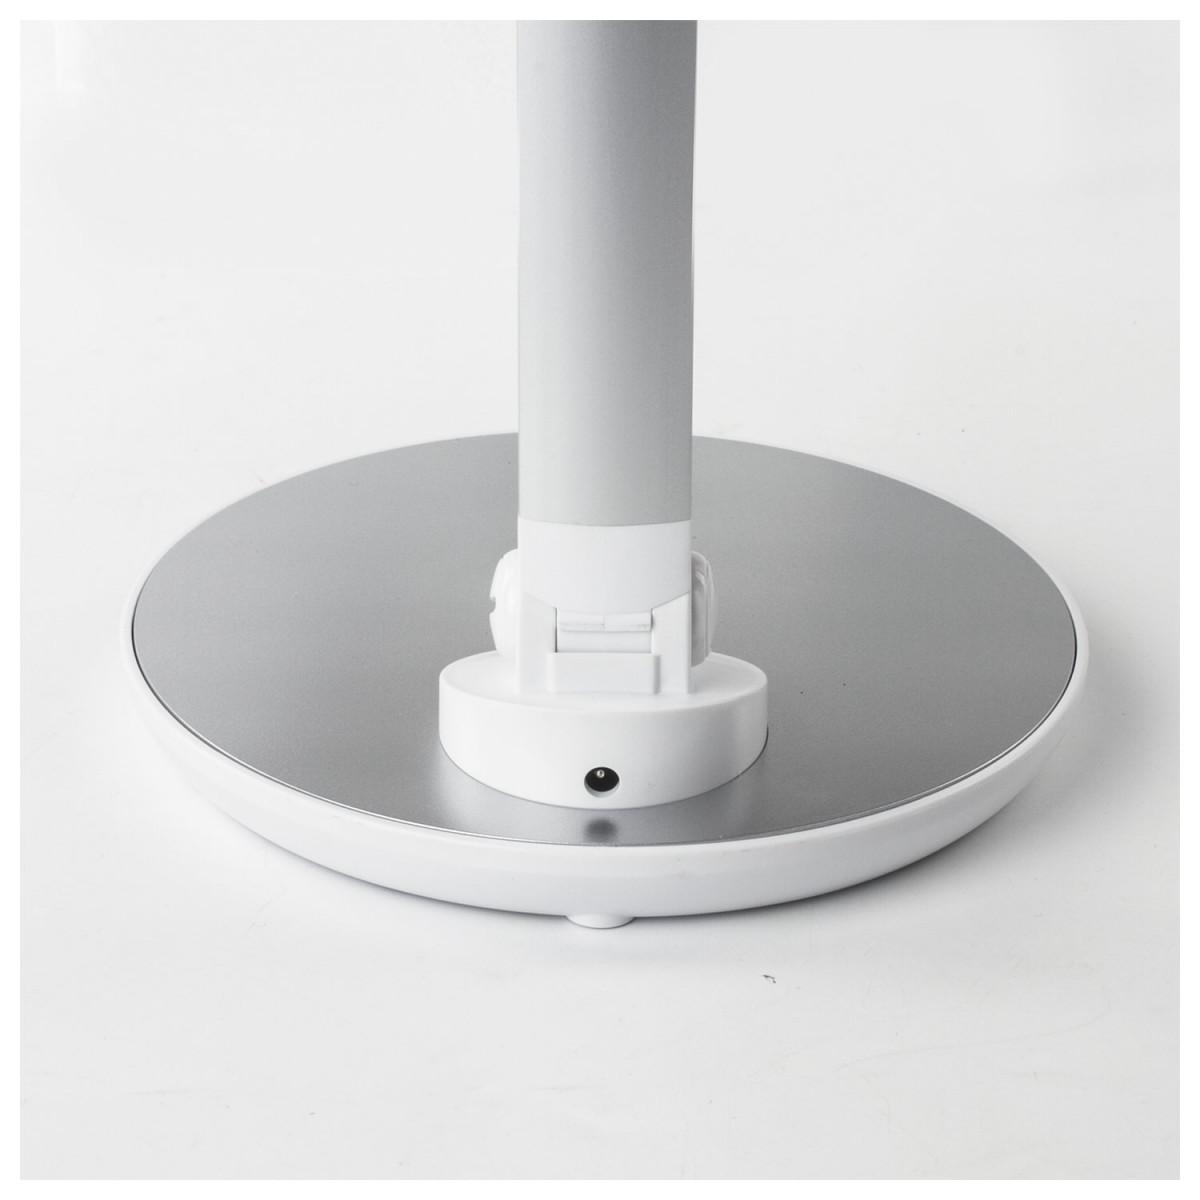 Светильник настольный SONNEN PH-309, на подставке, светодиодный, 10 Вт, алюминий, белый, 236689 (арт. 236689)